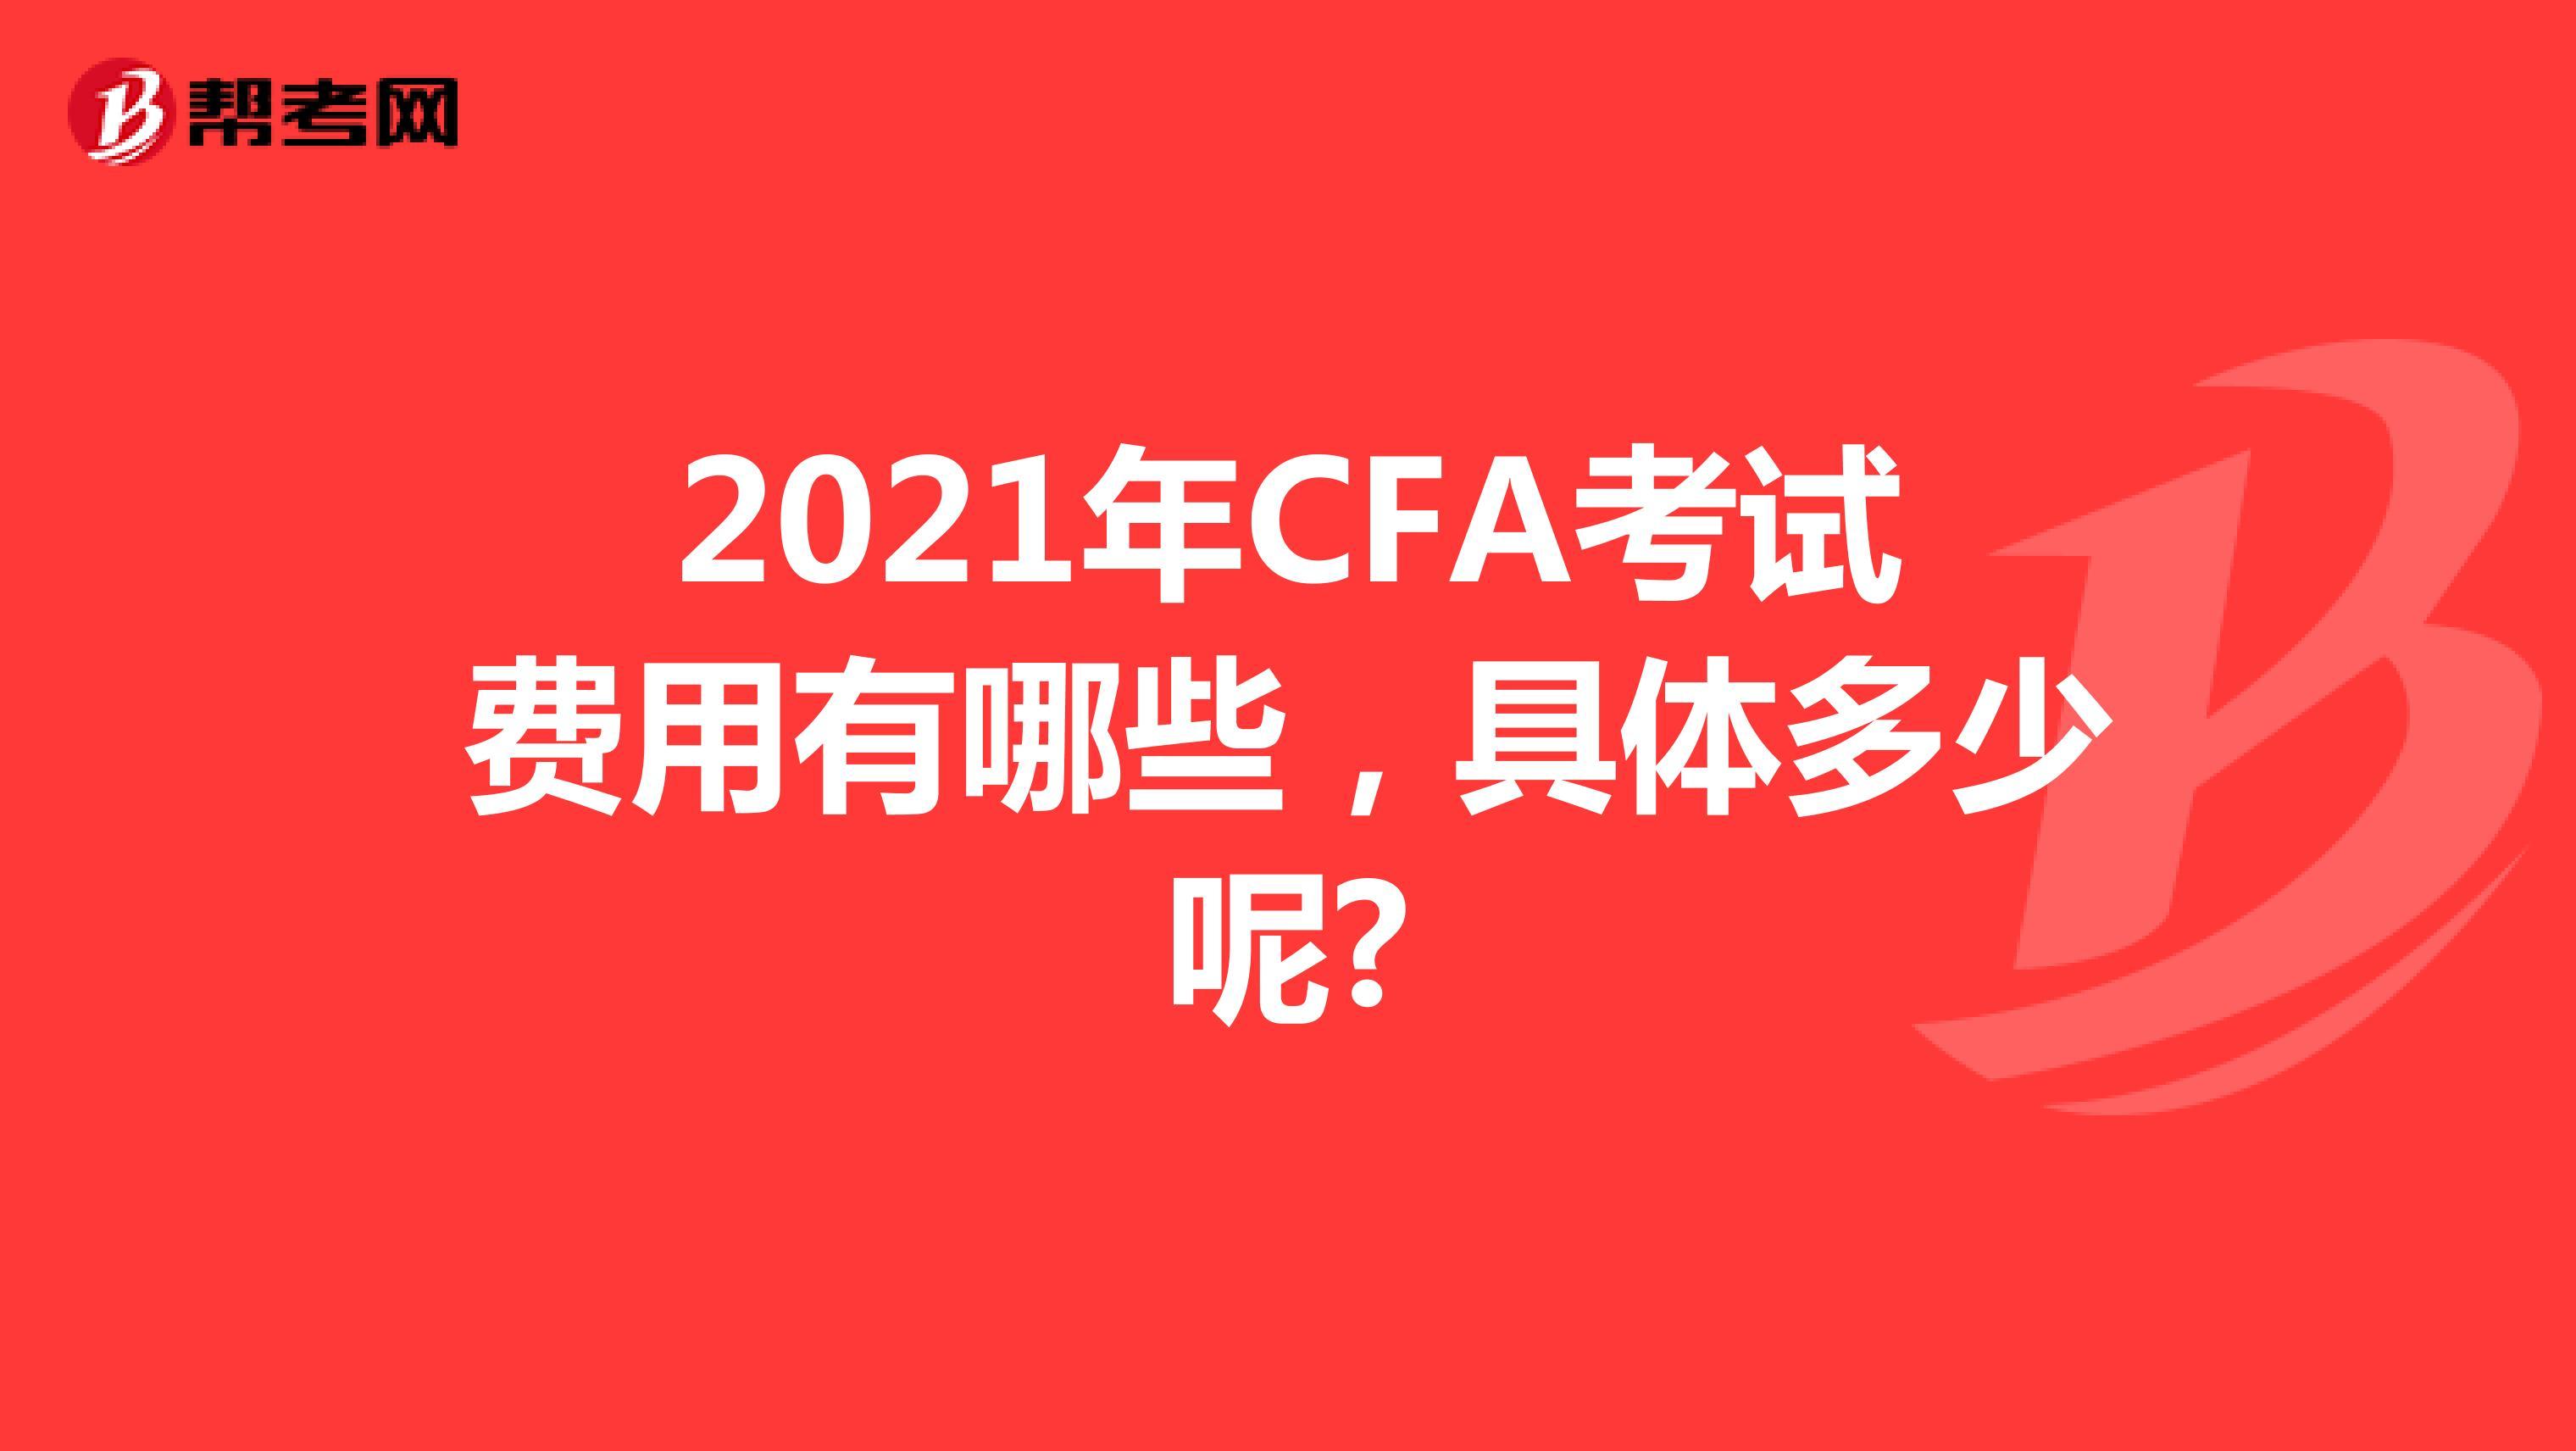 2021年CFA考试费用有哪些,具体多少呢?